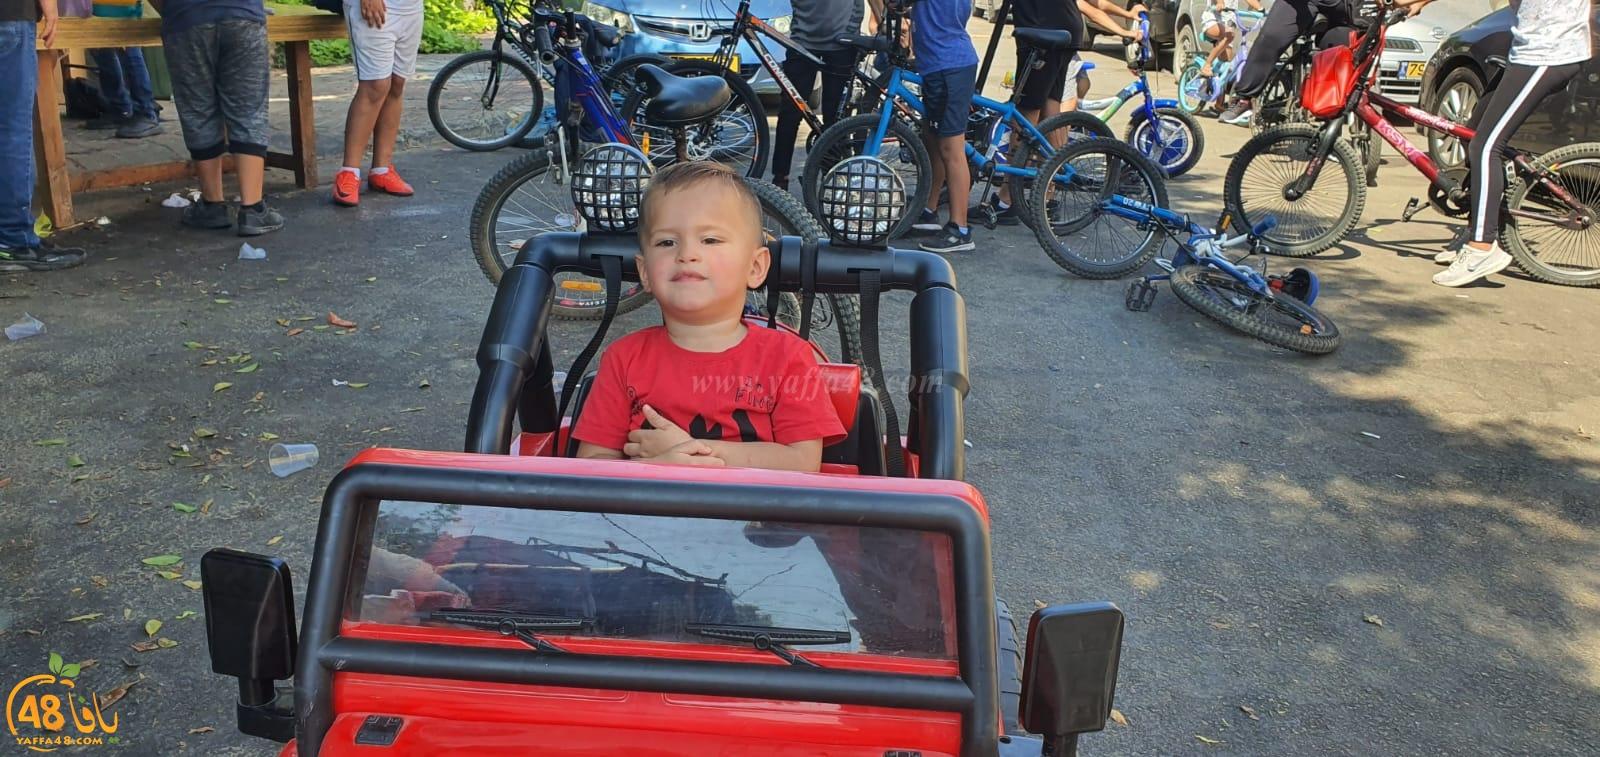 فيديو: أطفال اللد يستمتعون بأوقاتهم بركوب الدراجات الهوائية